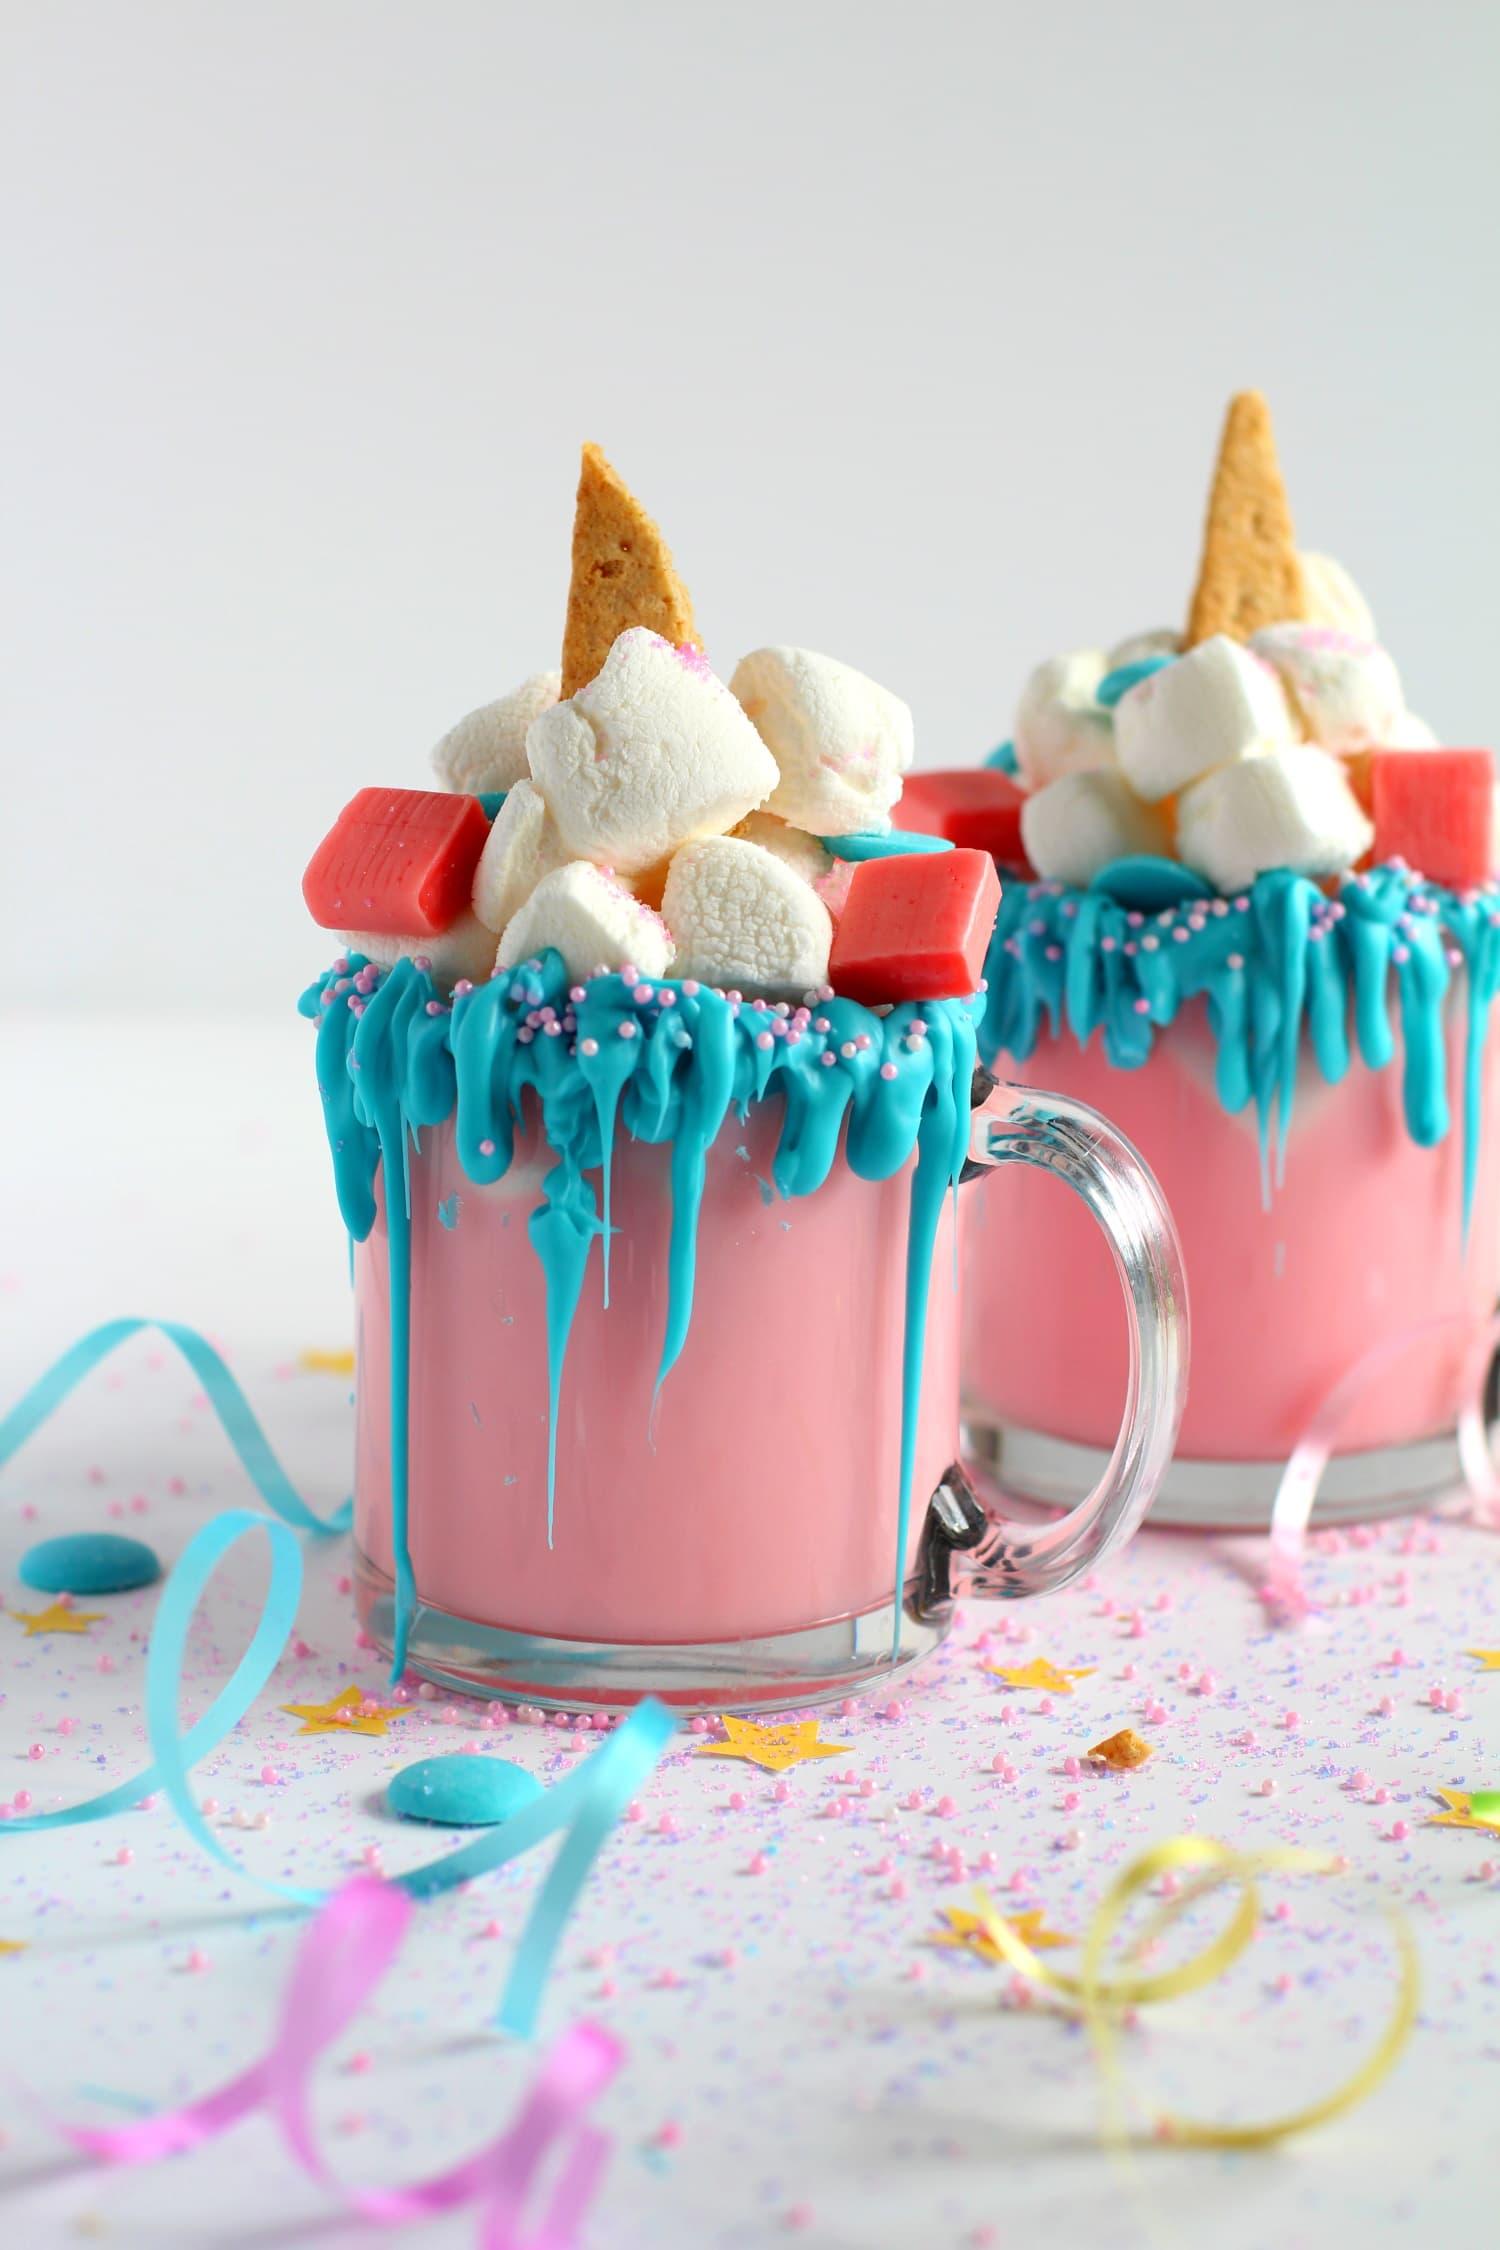 Unicorn hot chocolate | How to make homemade unicorn hot chocolate recipe